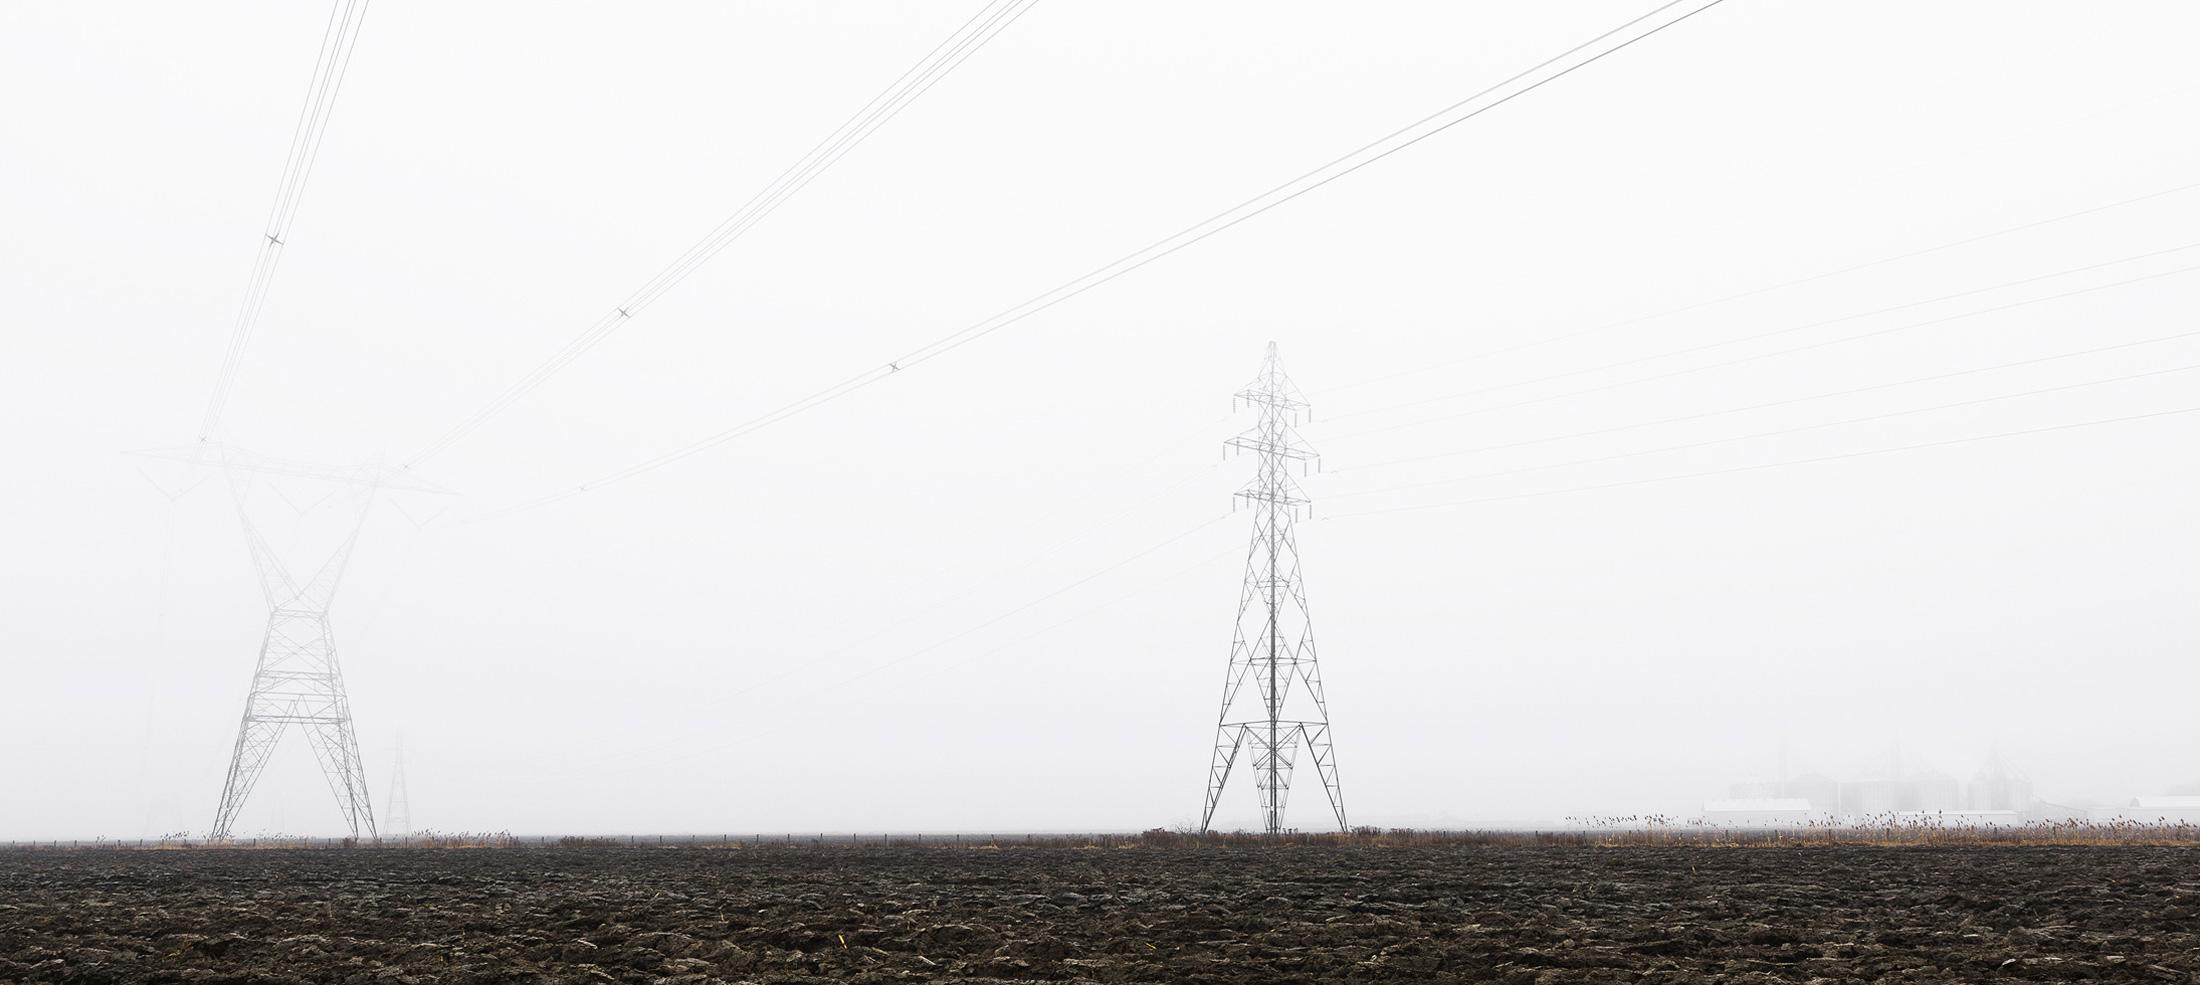 paysage rural champs vides pylônes électriques brume